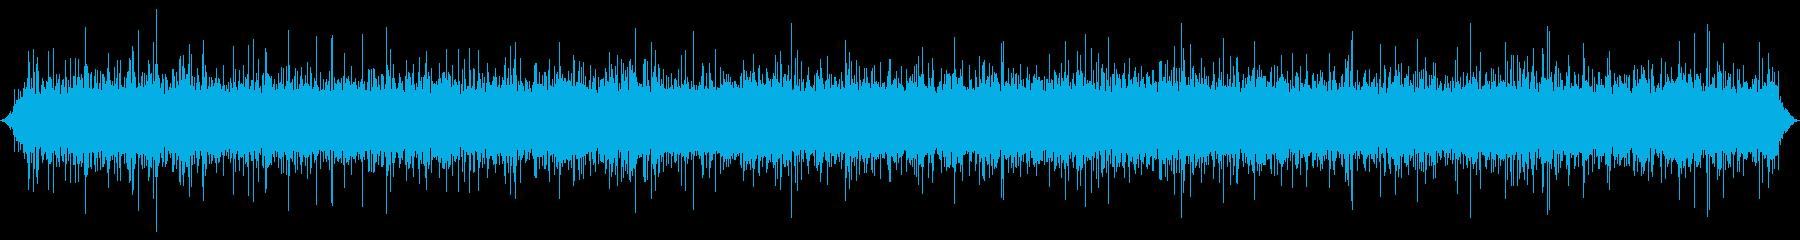 小川または小川:中程度の流れ、はねかけるの再生済みの波形